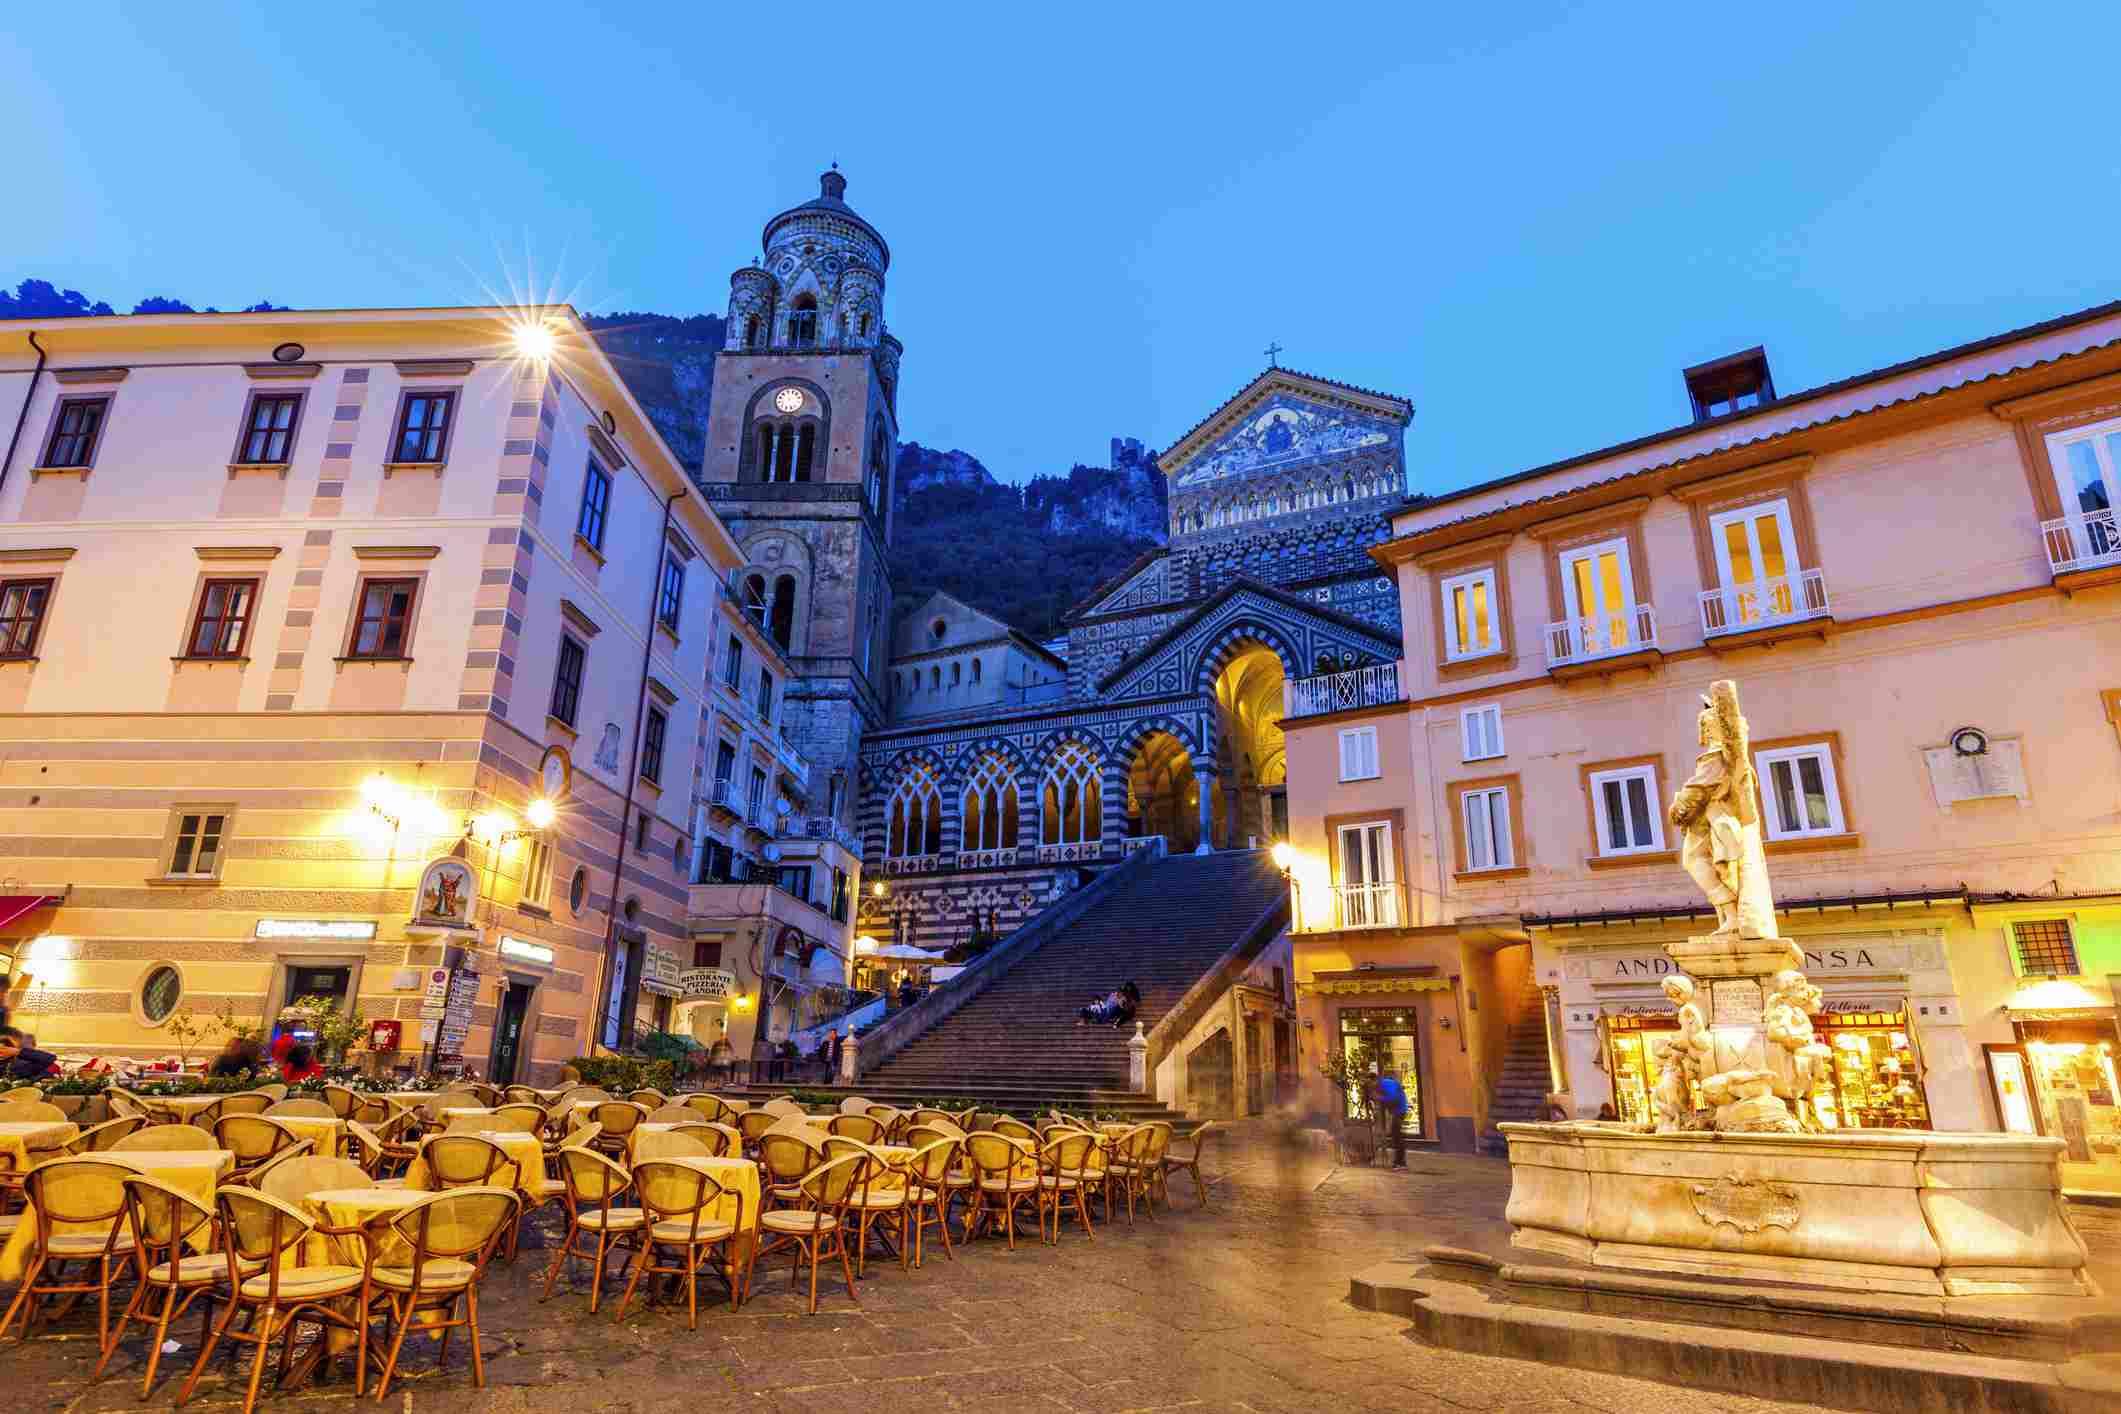 St. Andrea Duomo Amalfi